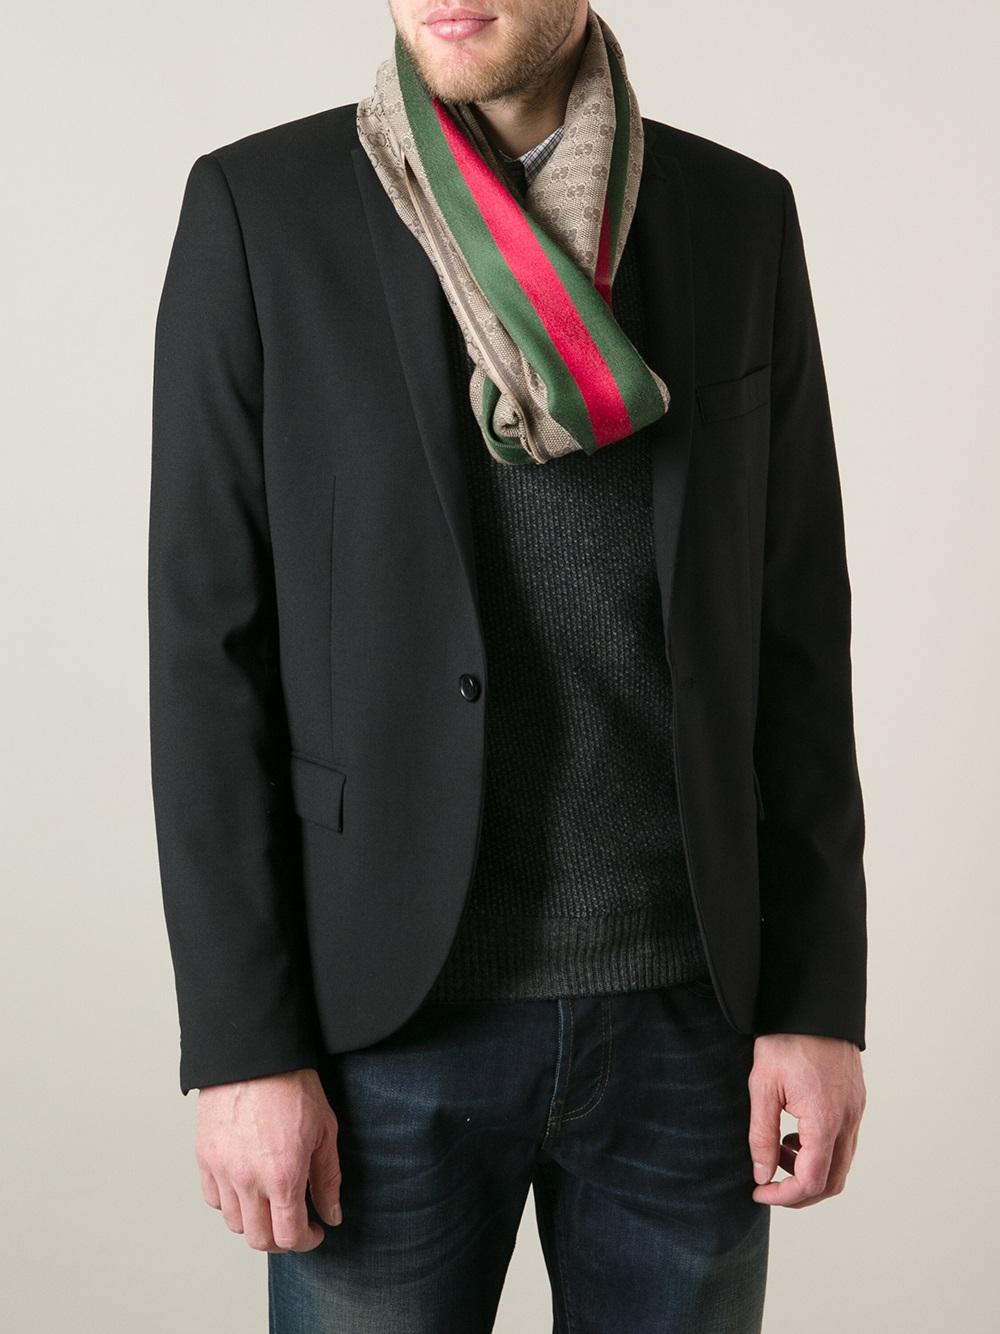 Polo Ralph Lauren Jackets